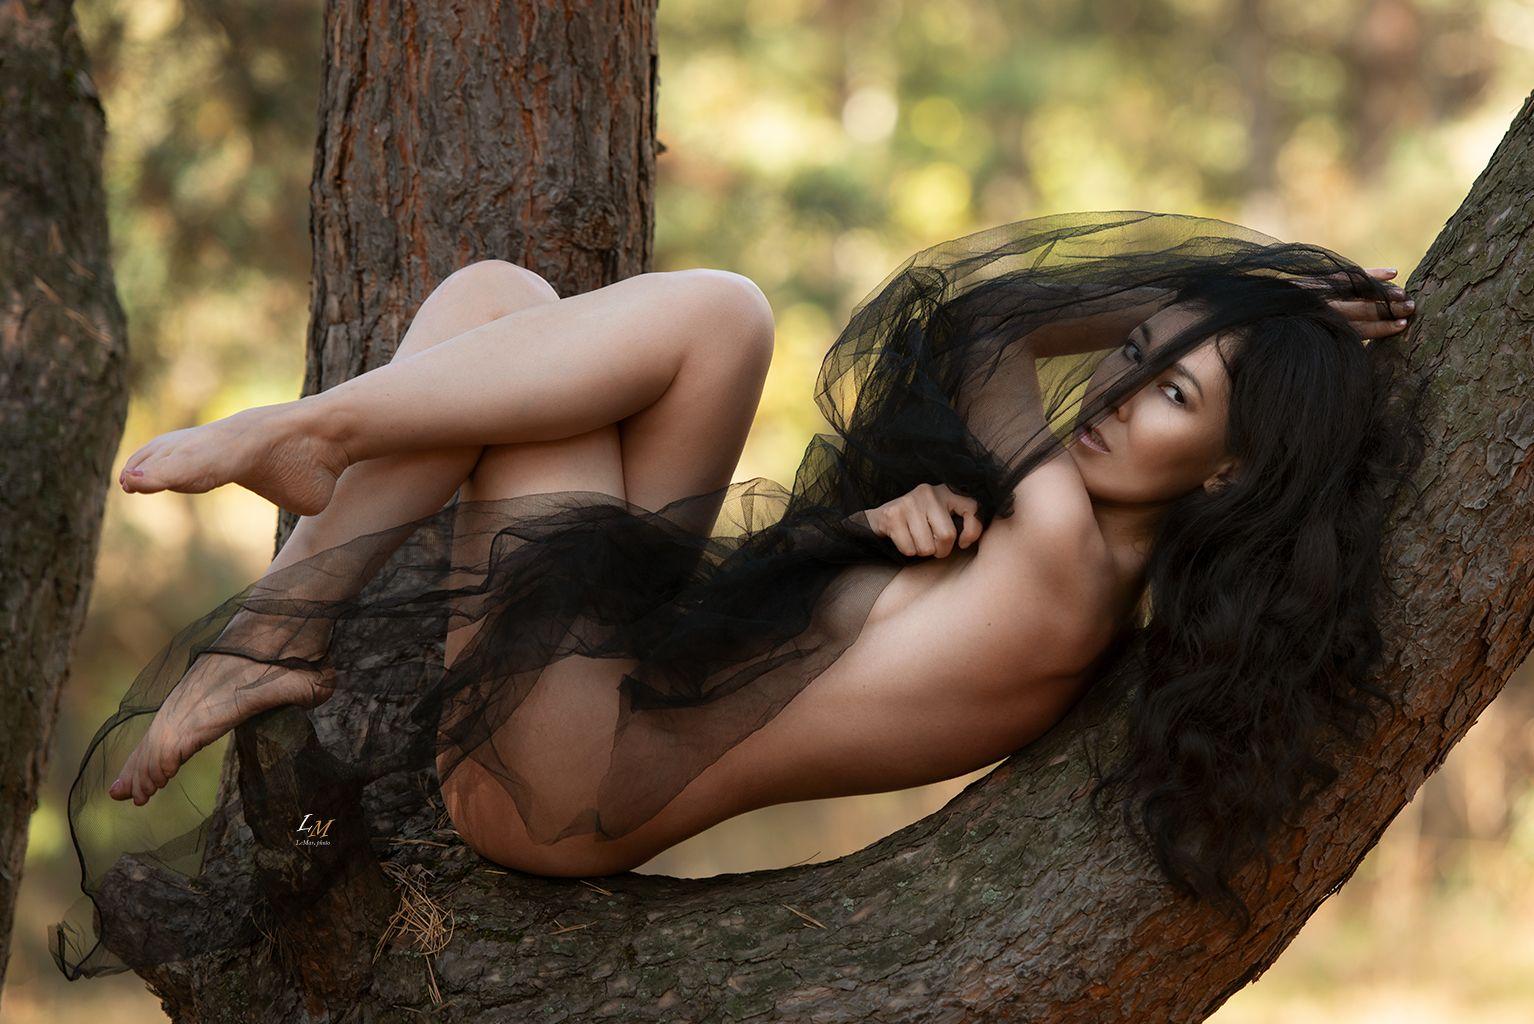 ню, природа, дерево, девушка, арт, лето, nude, sexy, Маркачев Леонид